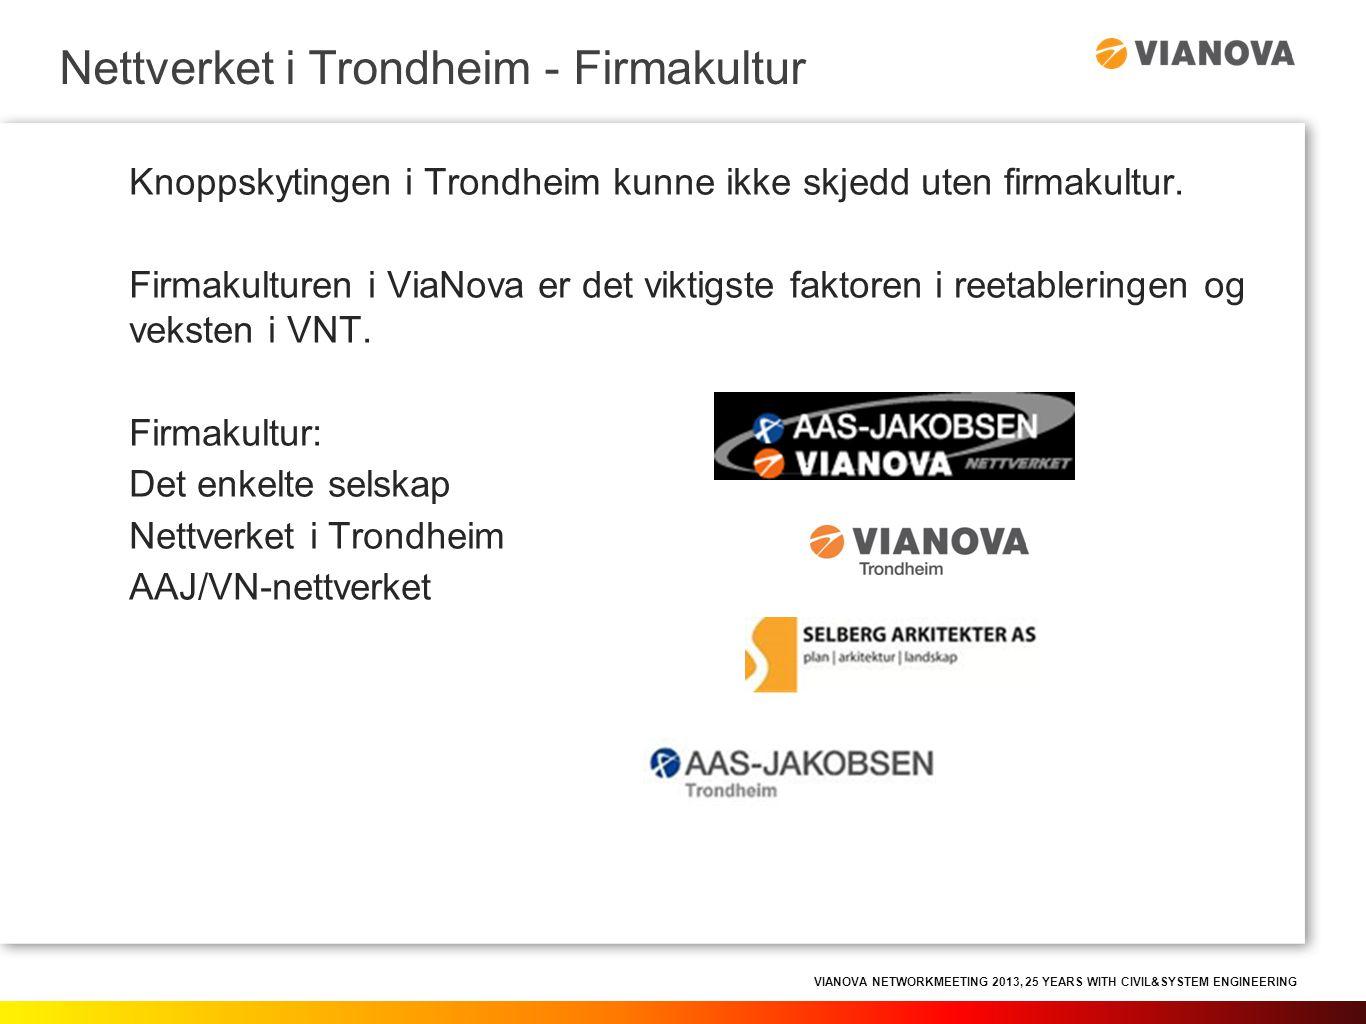 VIANOVA NETWORKMEETING 2013, 25 YEARS WITH CIVIL&SYSTEM ENGINEERING Nettverket i Trondheim - Firmakultur Firmakultur for nettverket i Trondheim • Nettverk av kompletterende, selvstendige, spesialiserte, samarbeidende og samlokaliserte selskaper.